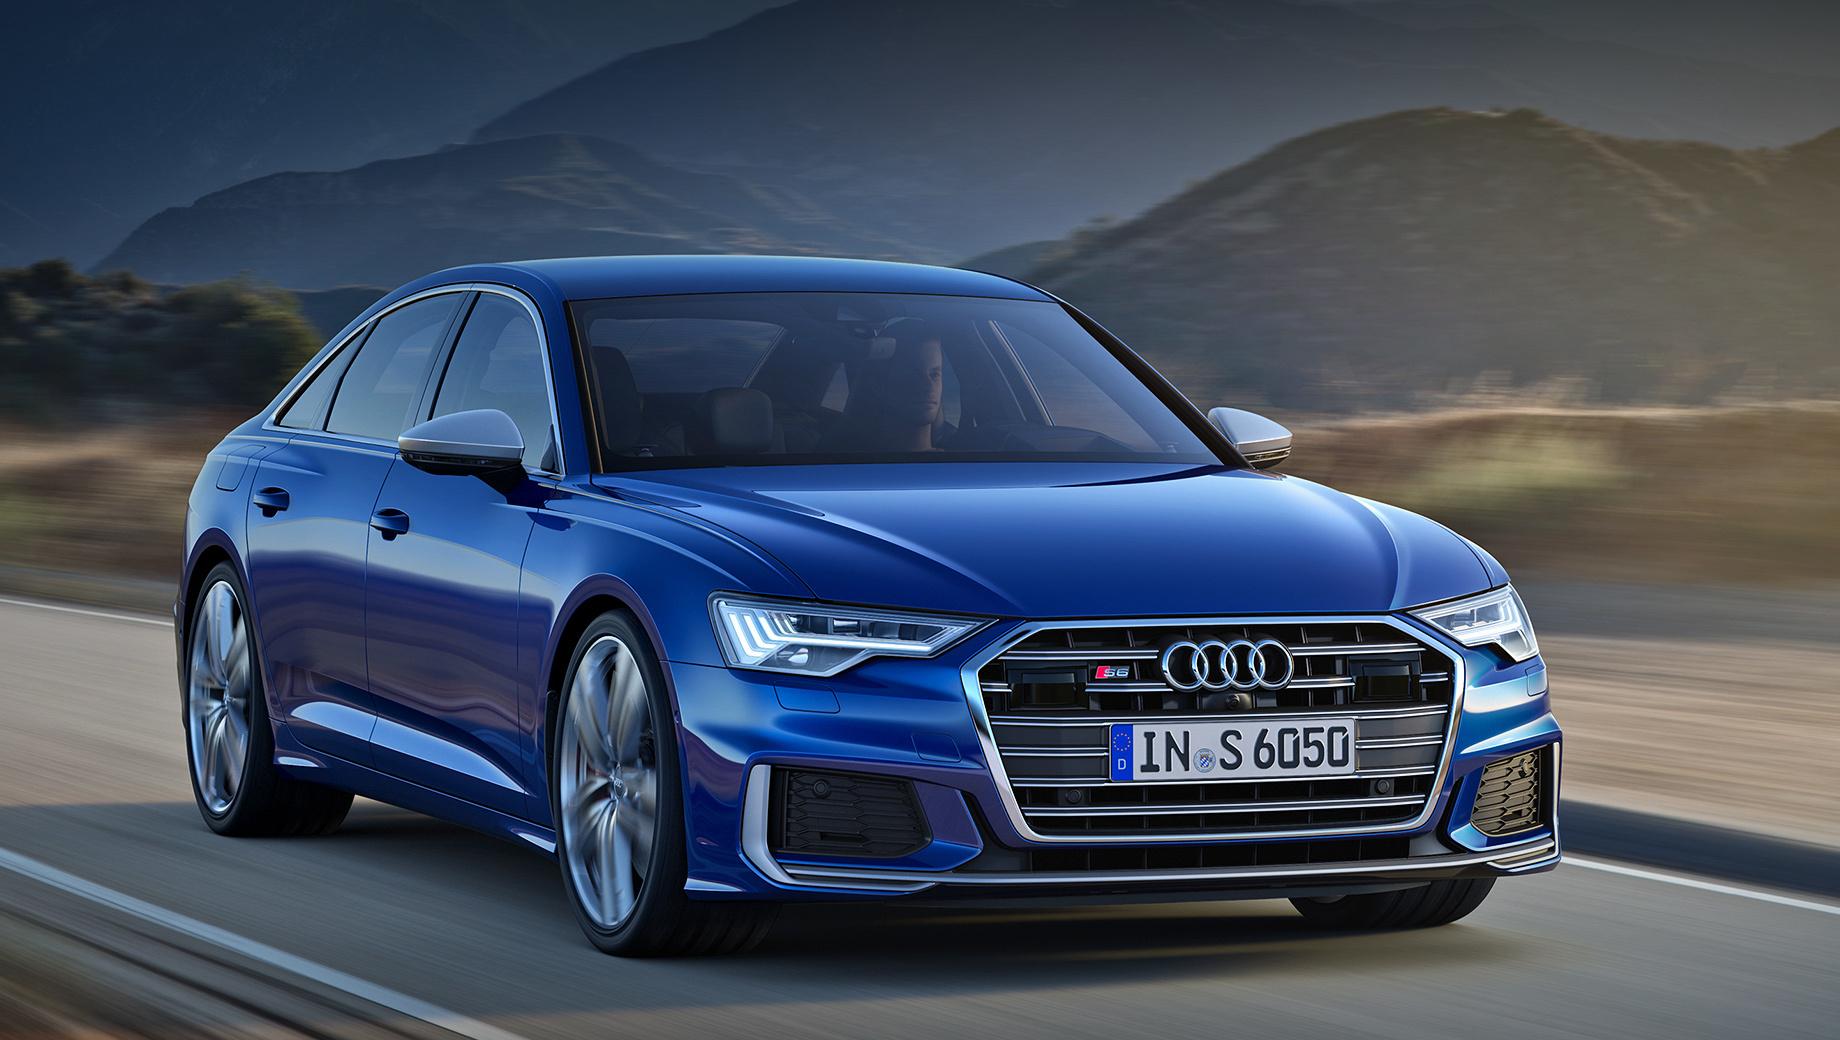 Audi S6 и S7 Sportback предъявили рублёвые ценники